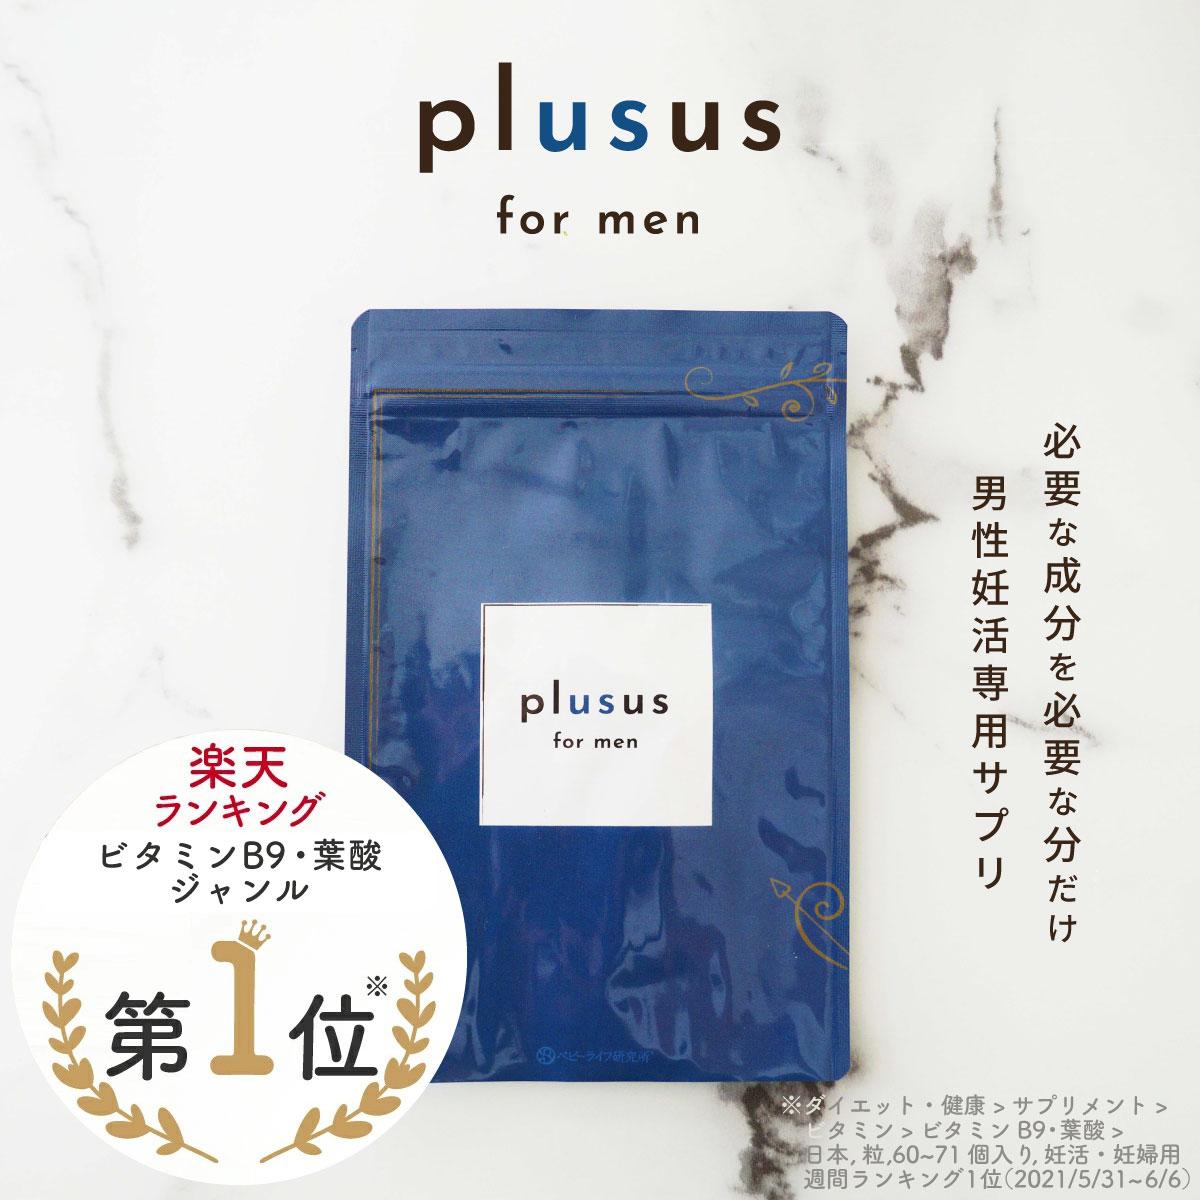 男性のための妊活専用サプリplusus for men